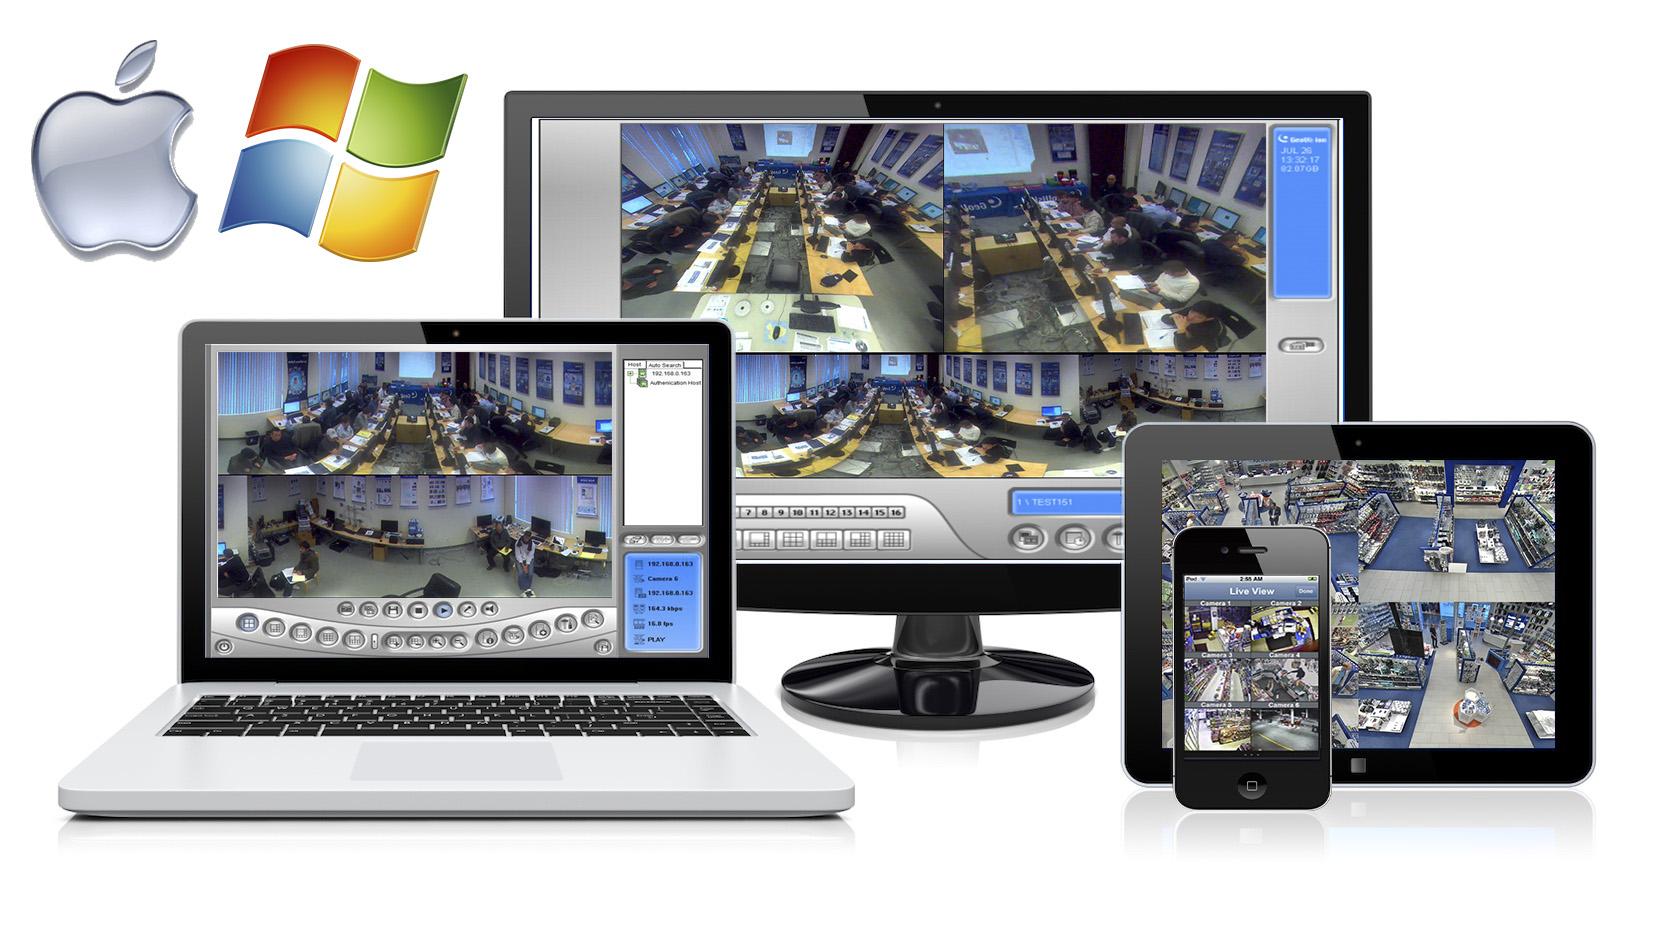 geovision-desktop-mobile-laptop-remote-viewing.jpg